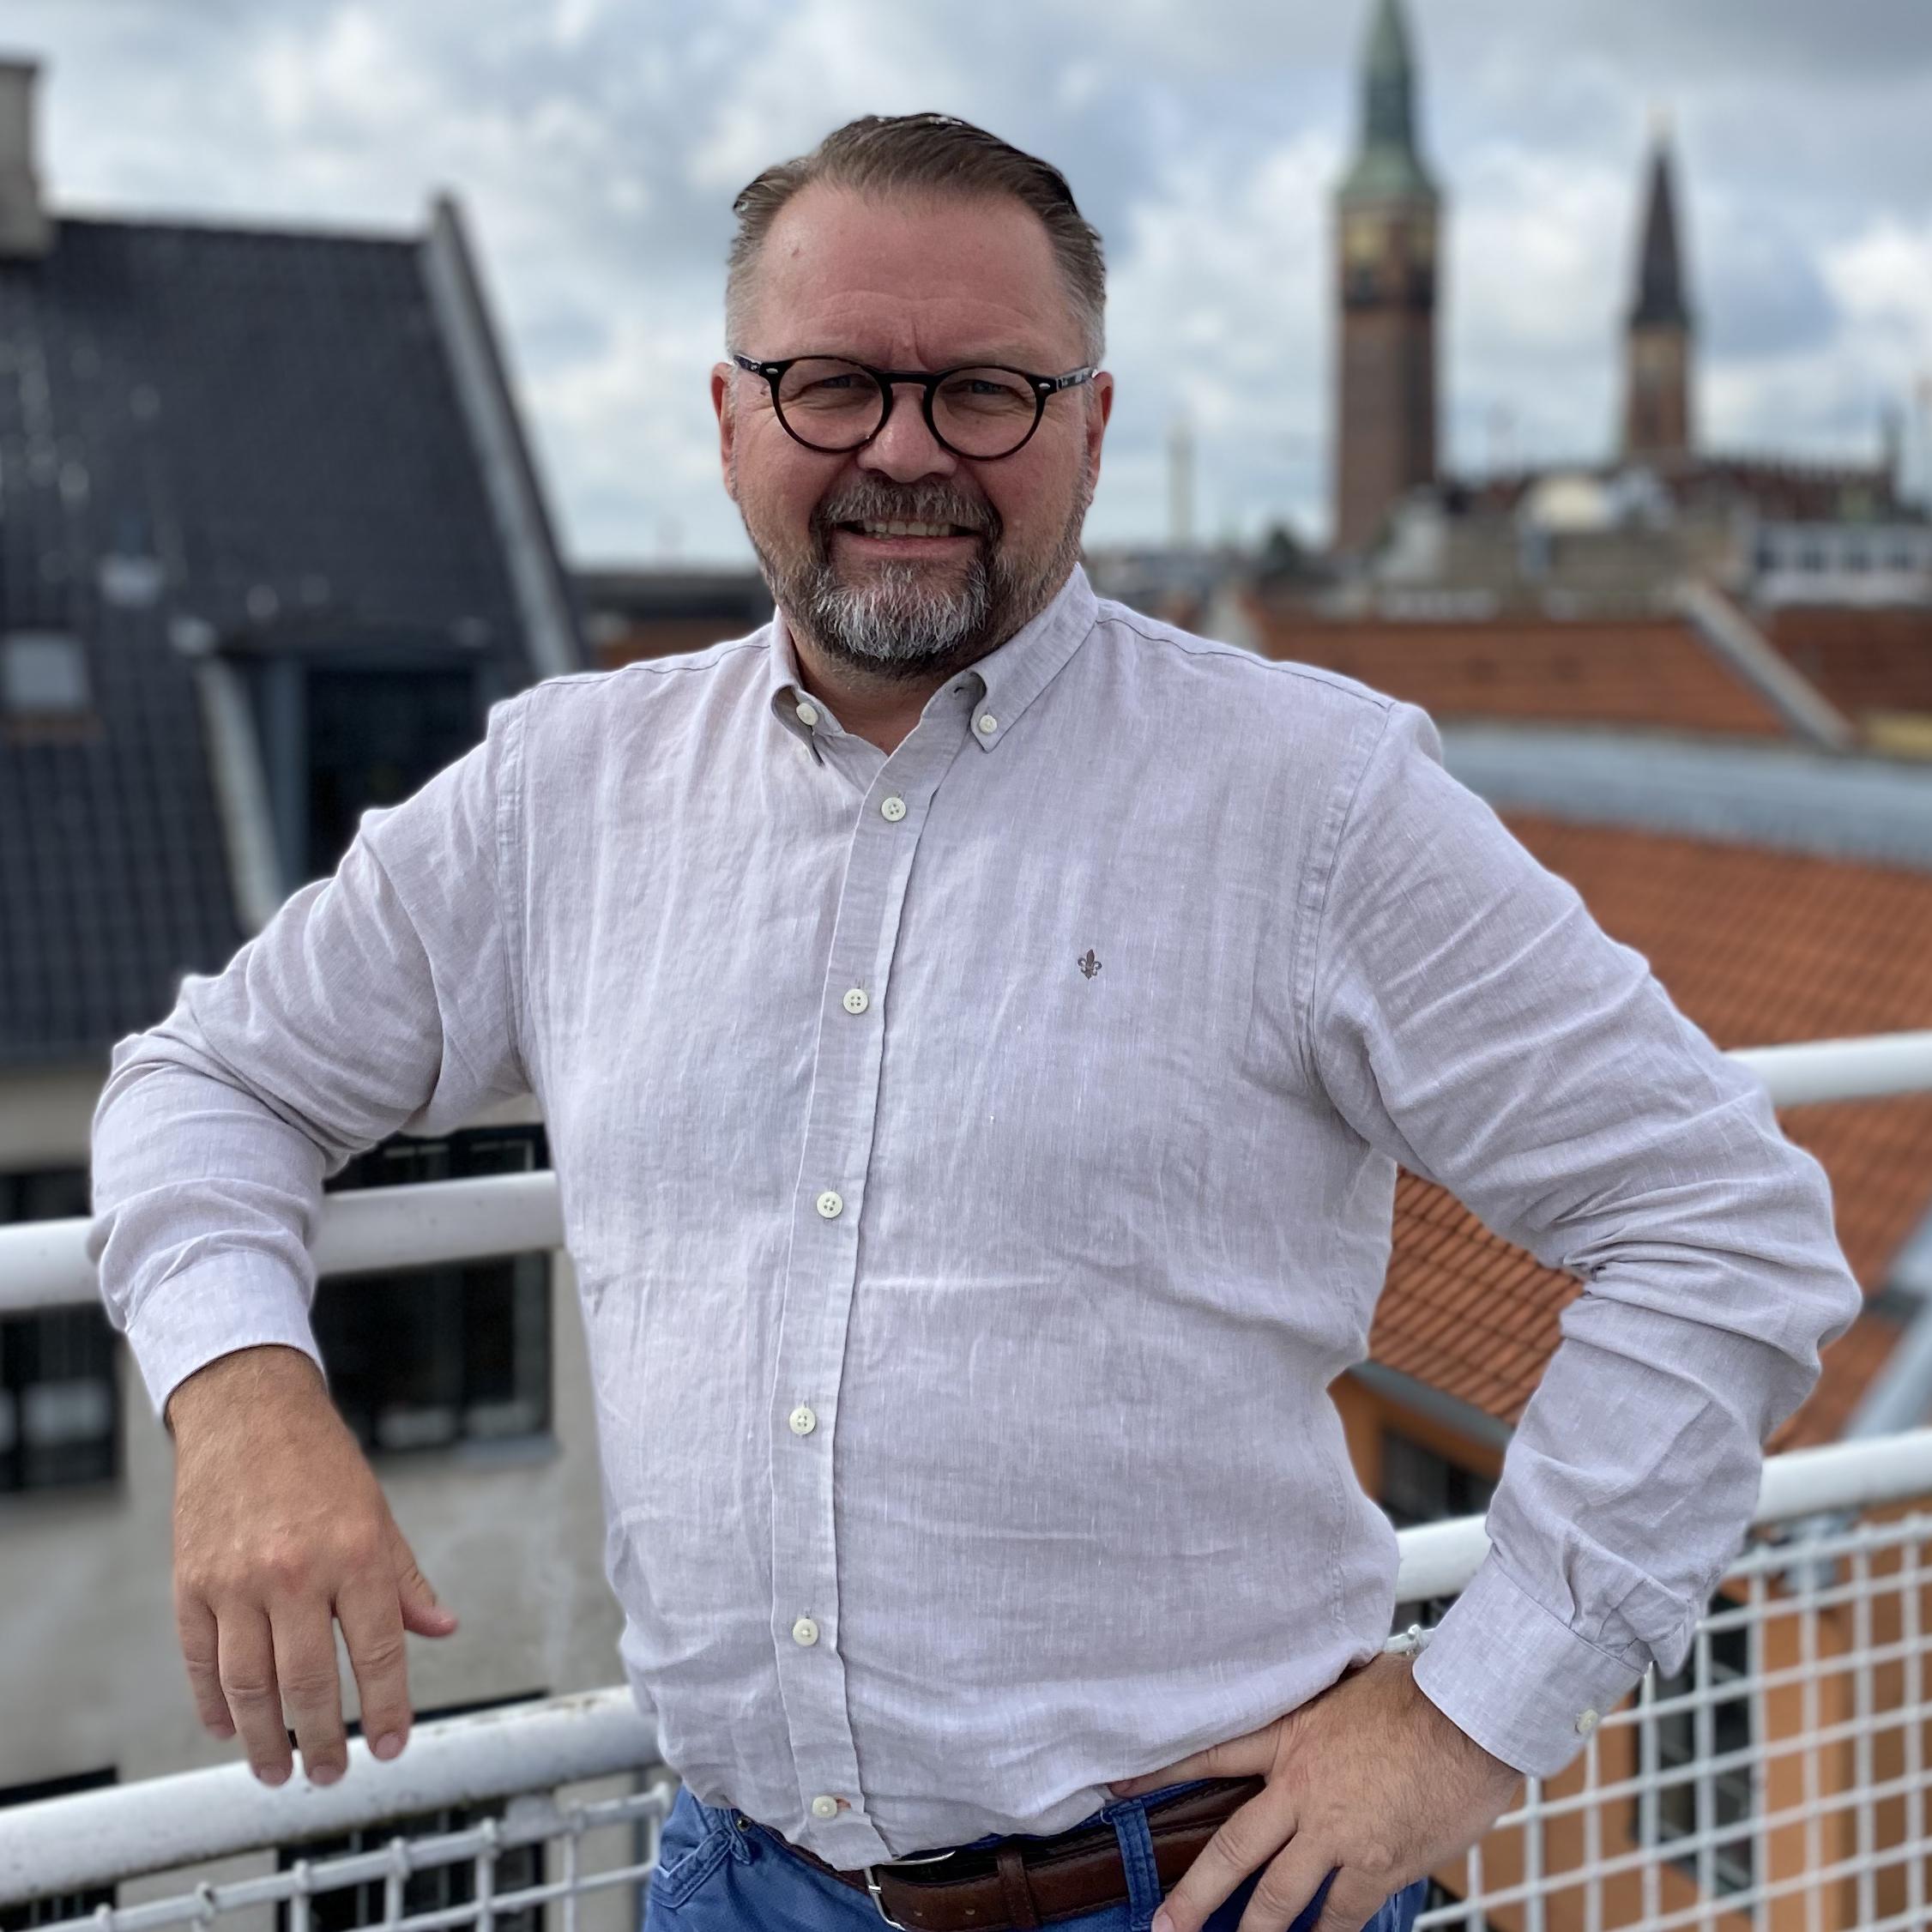 Nordsense VP Sales EMEA